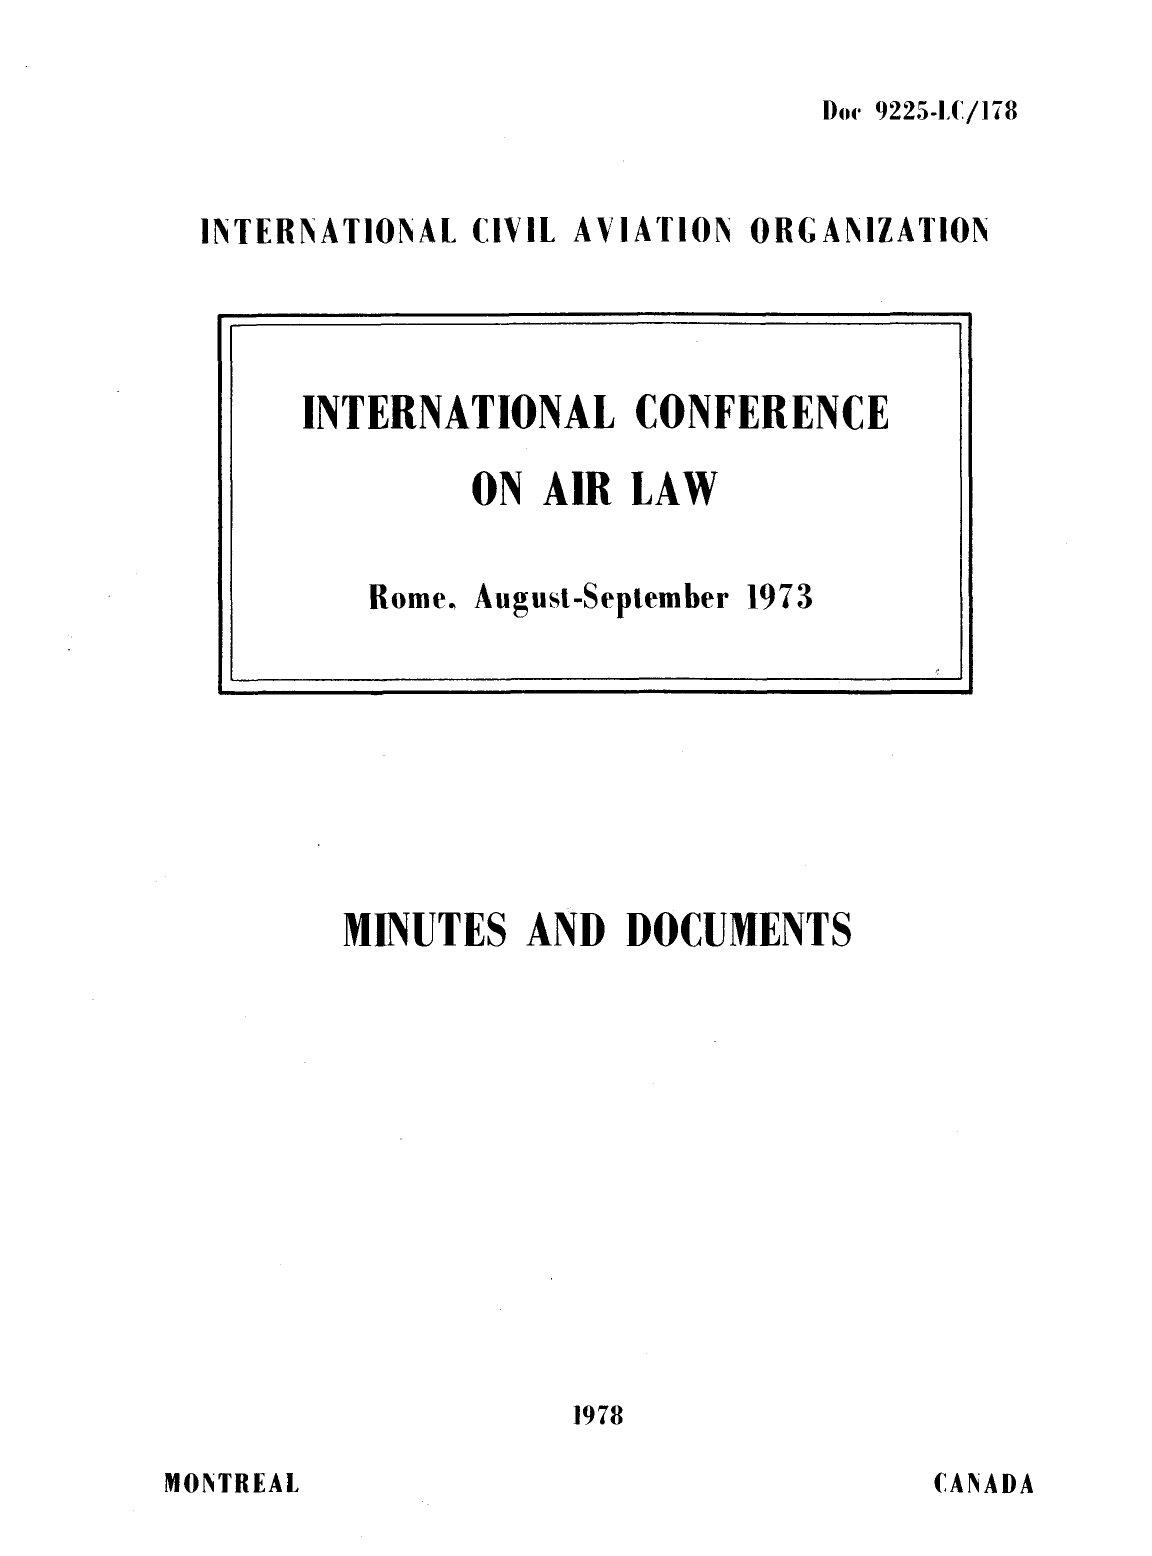 ICAO Doc 9225 Международная конференция по воздушному праву. Рим, август - сентябрь 1973 г.